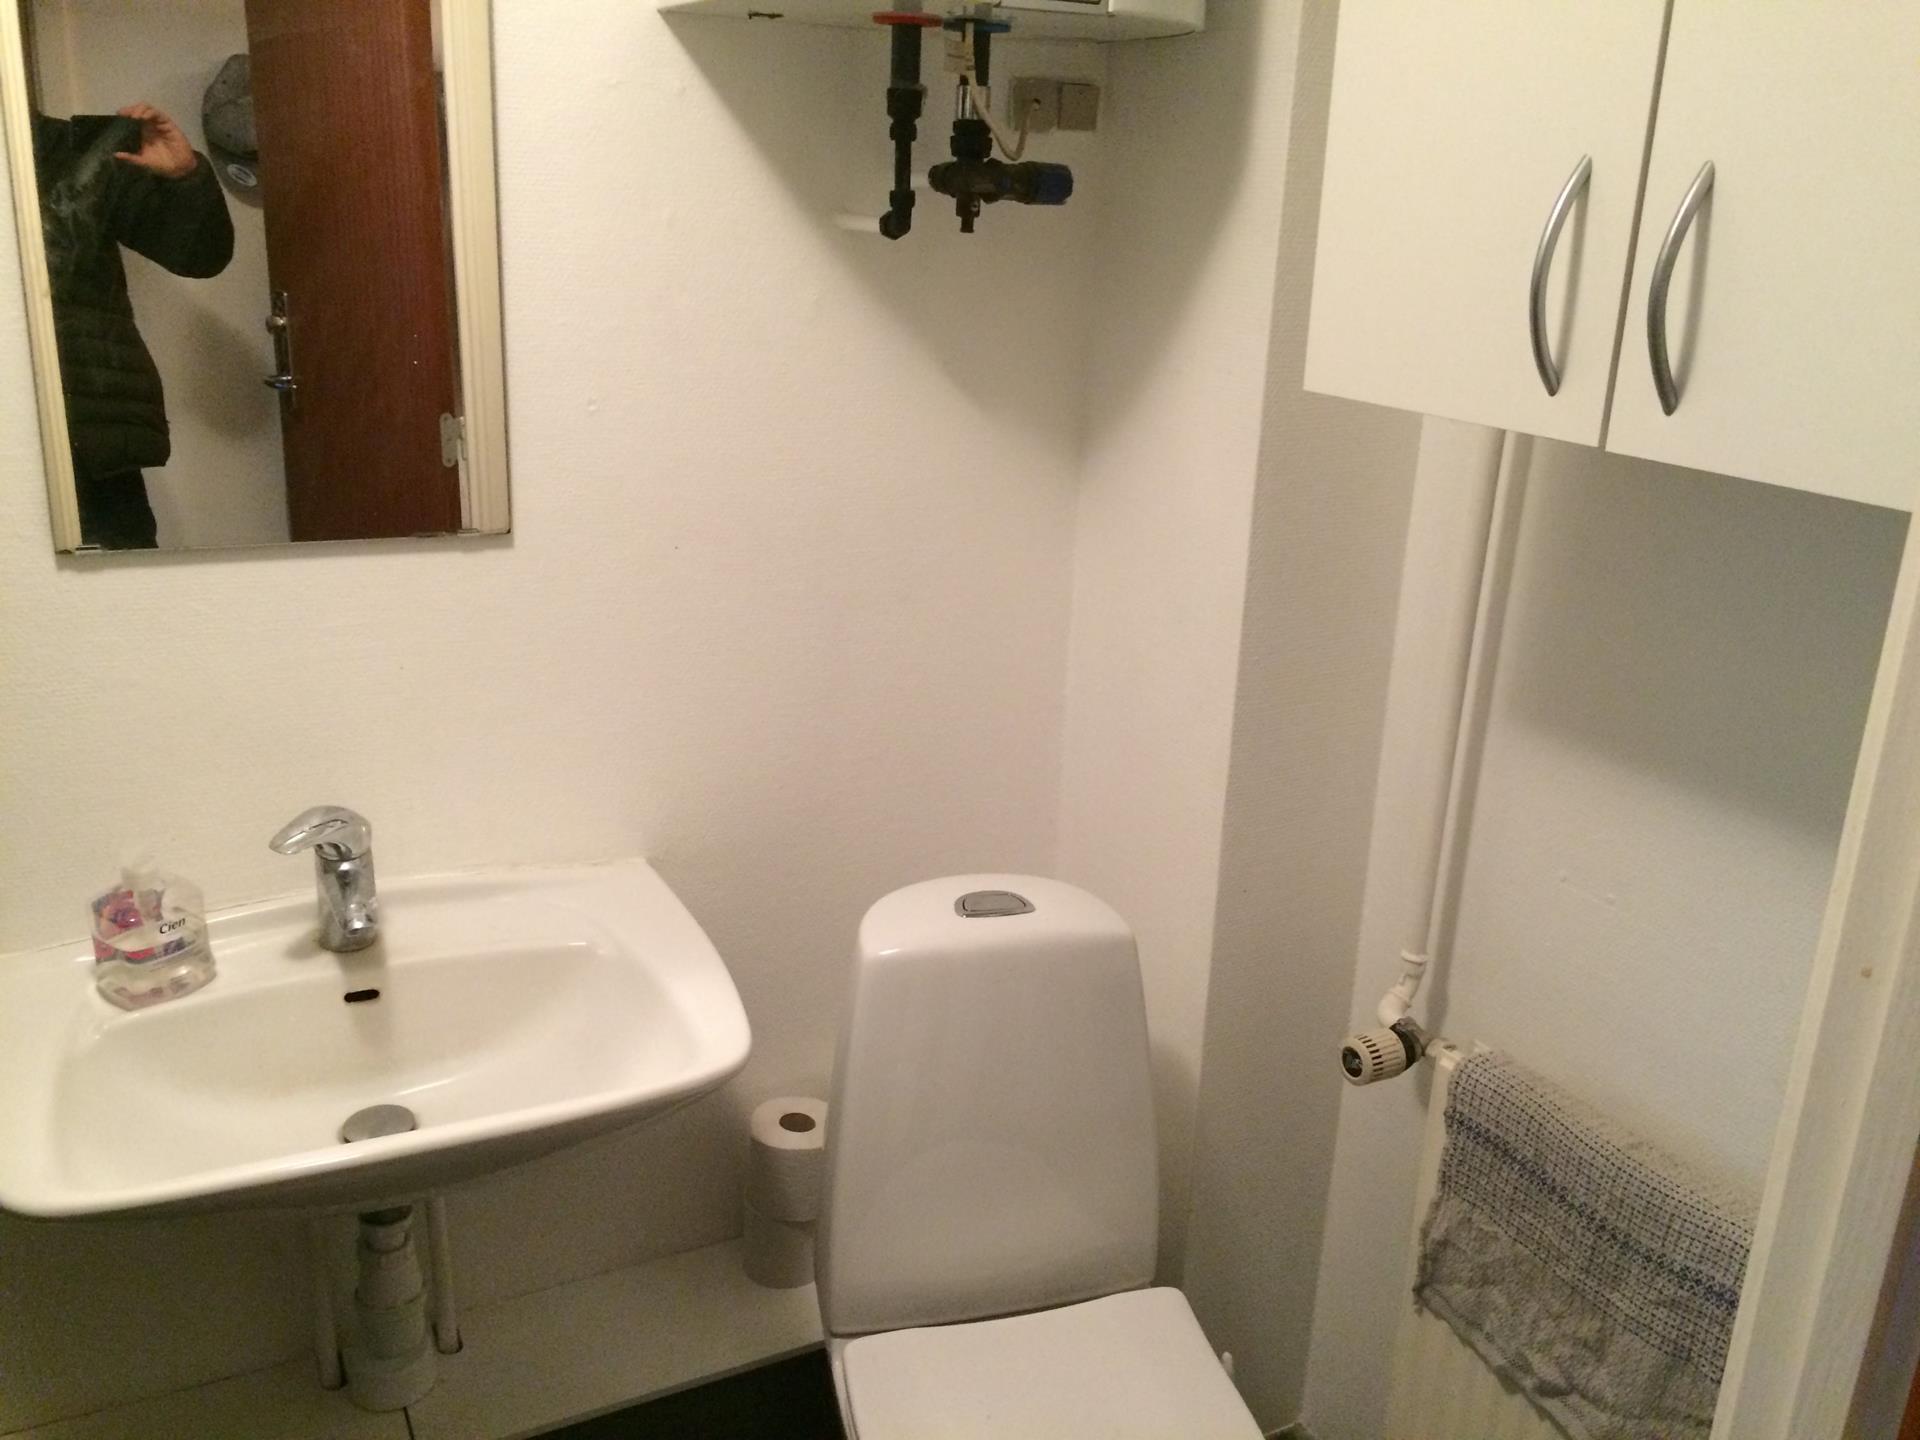 Bolig/erhverv på Langgade i Nykøbing F - Toilet